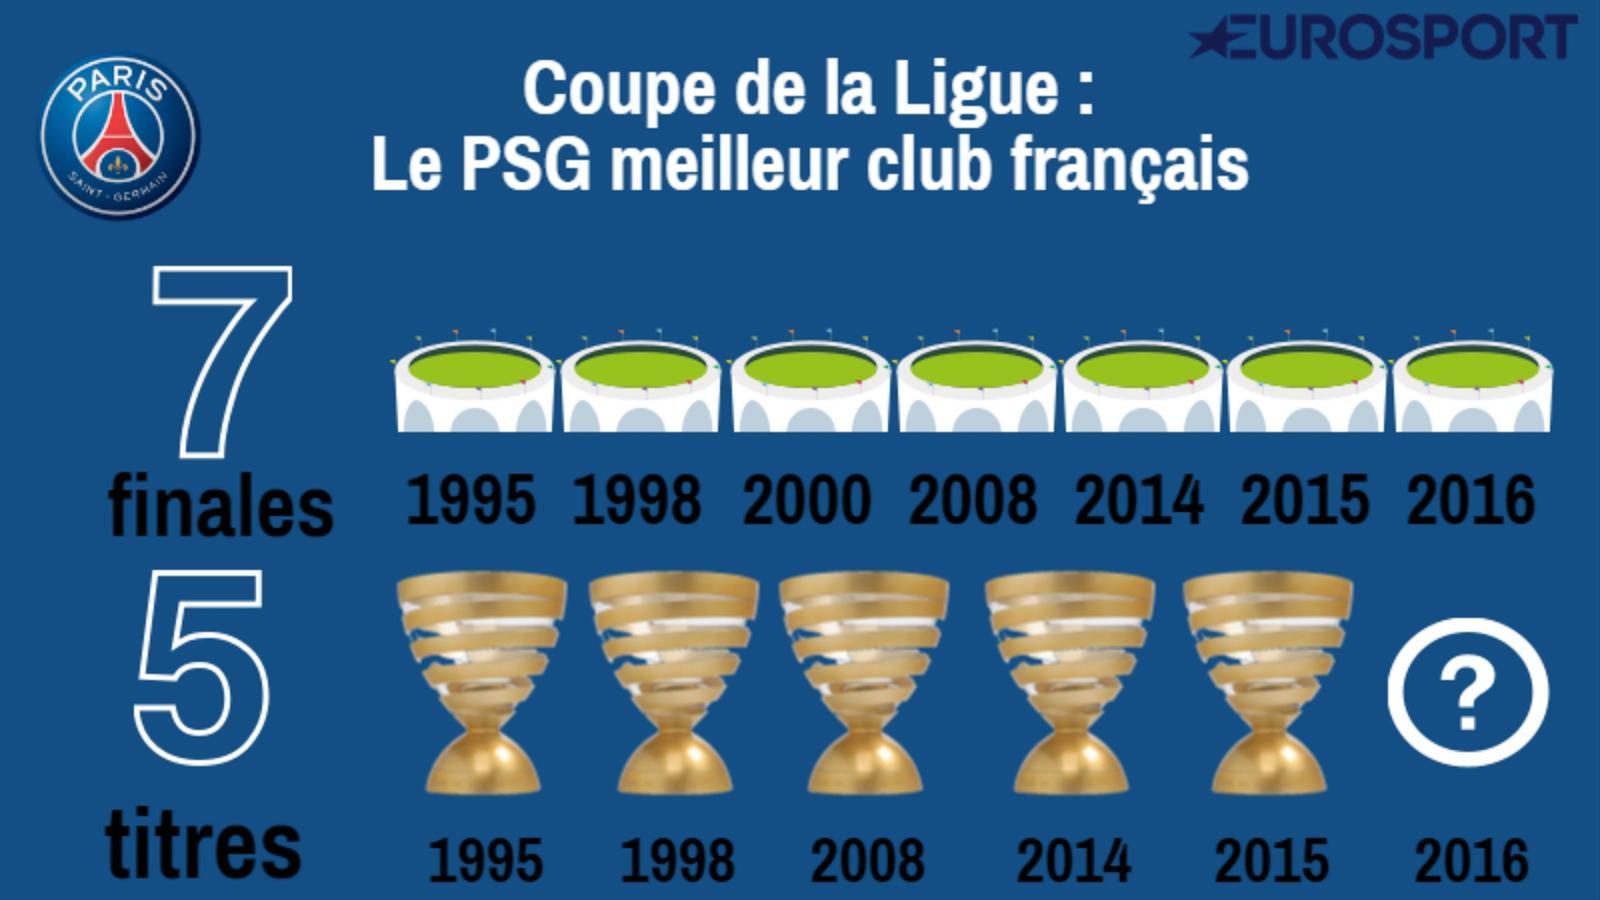 Coupe de la ligue le psg en finale reste le meilleur - Billetterie finale coupe de la ligue 2015 ...